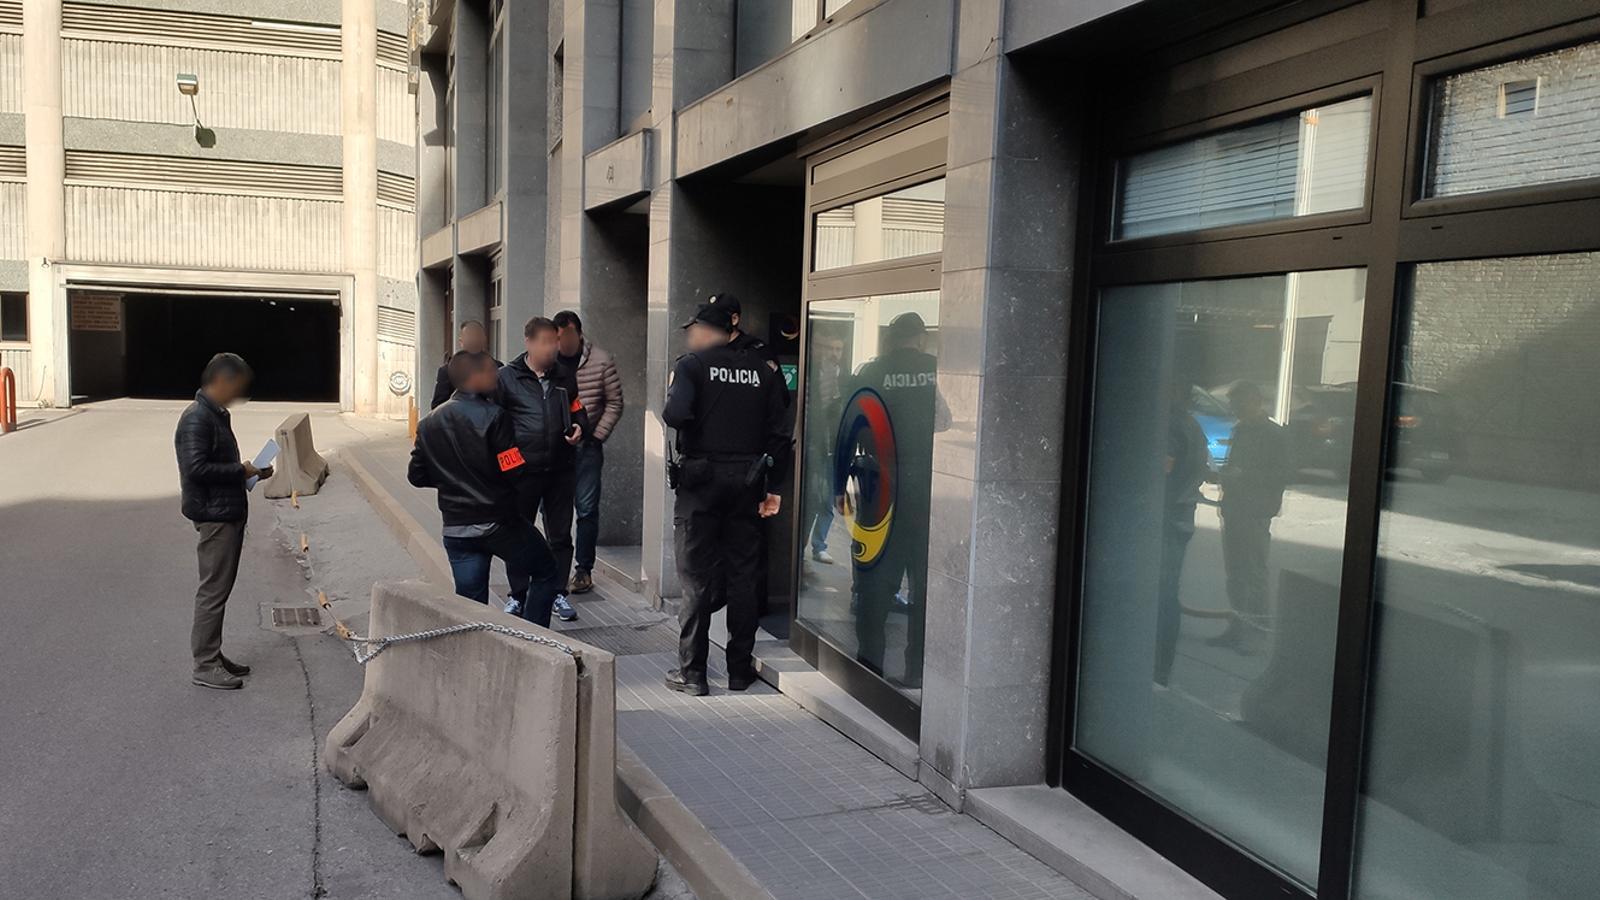 La comitiva judicial durant l'escorcoll a la FAF. / M. M.